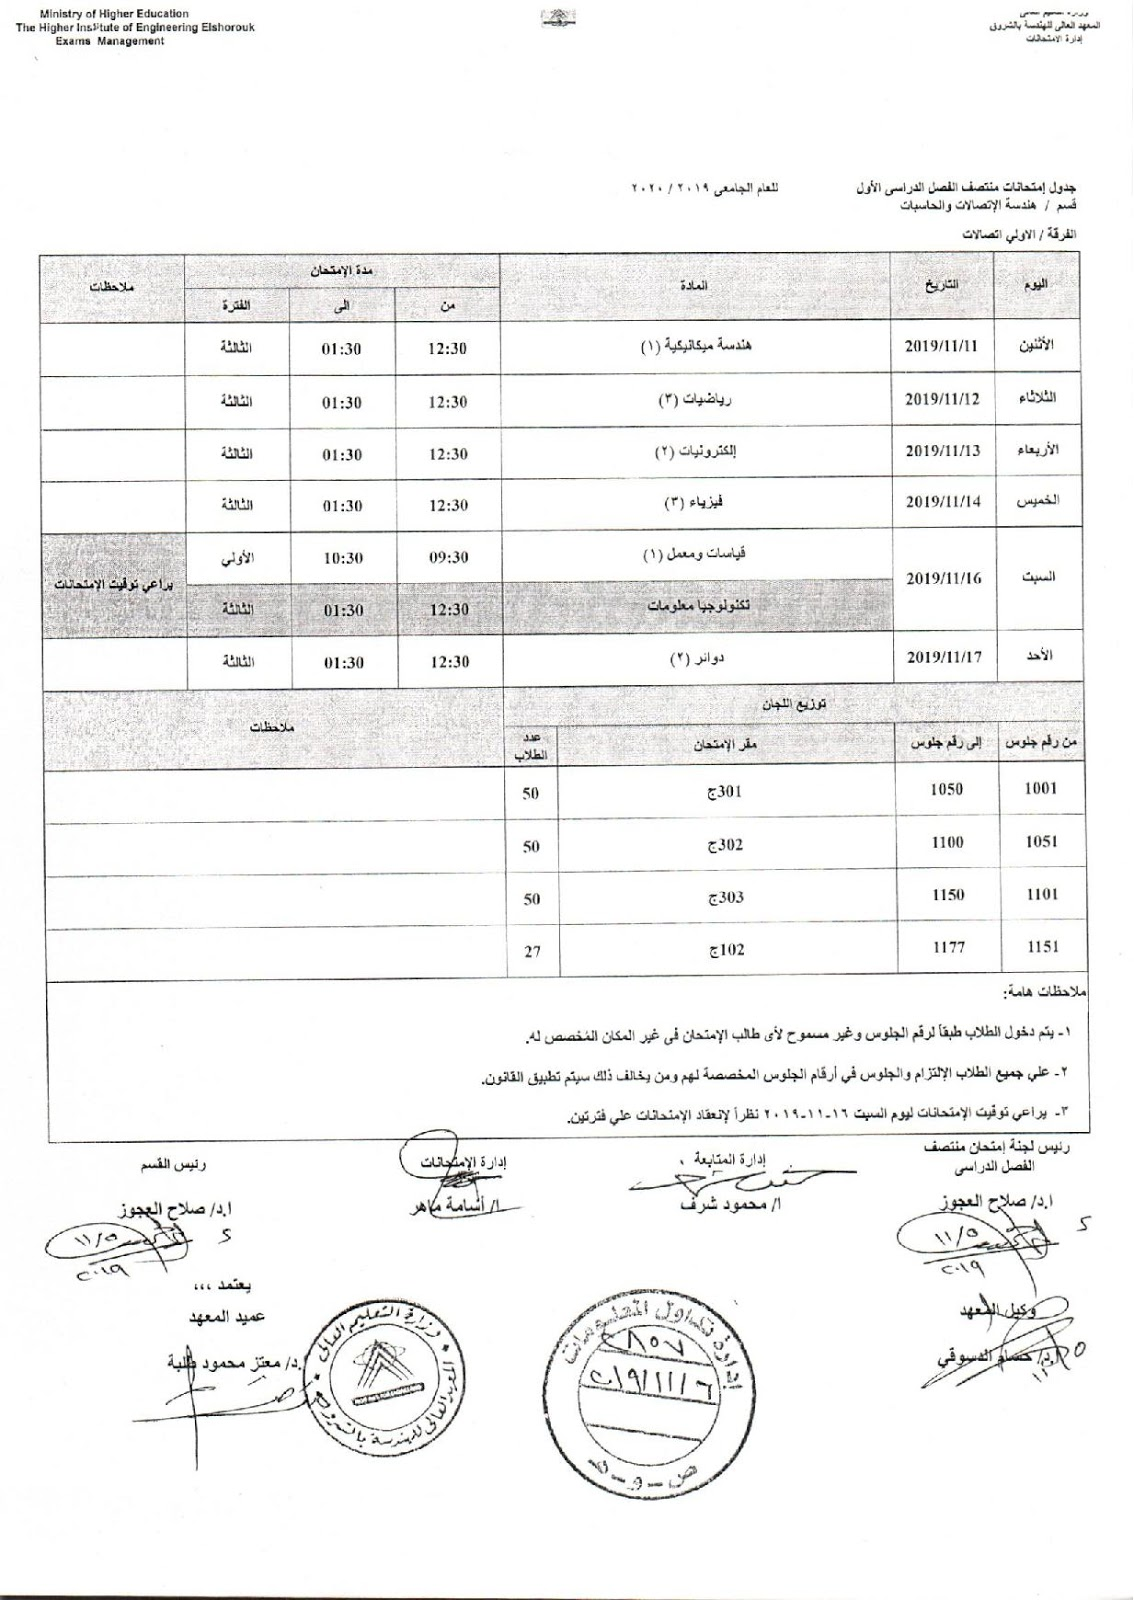 جدول امتحانات اولي اتصالات هندسة الشروق الميدترم 2019-2020